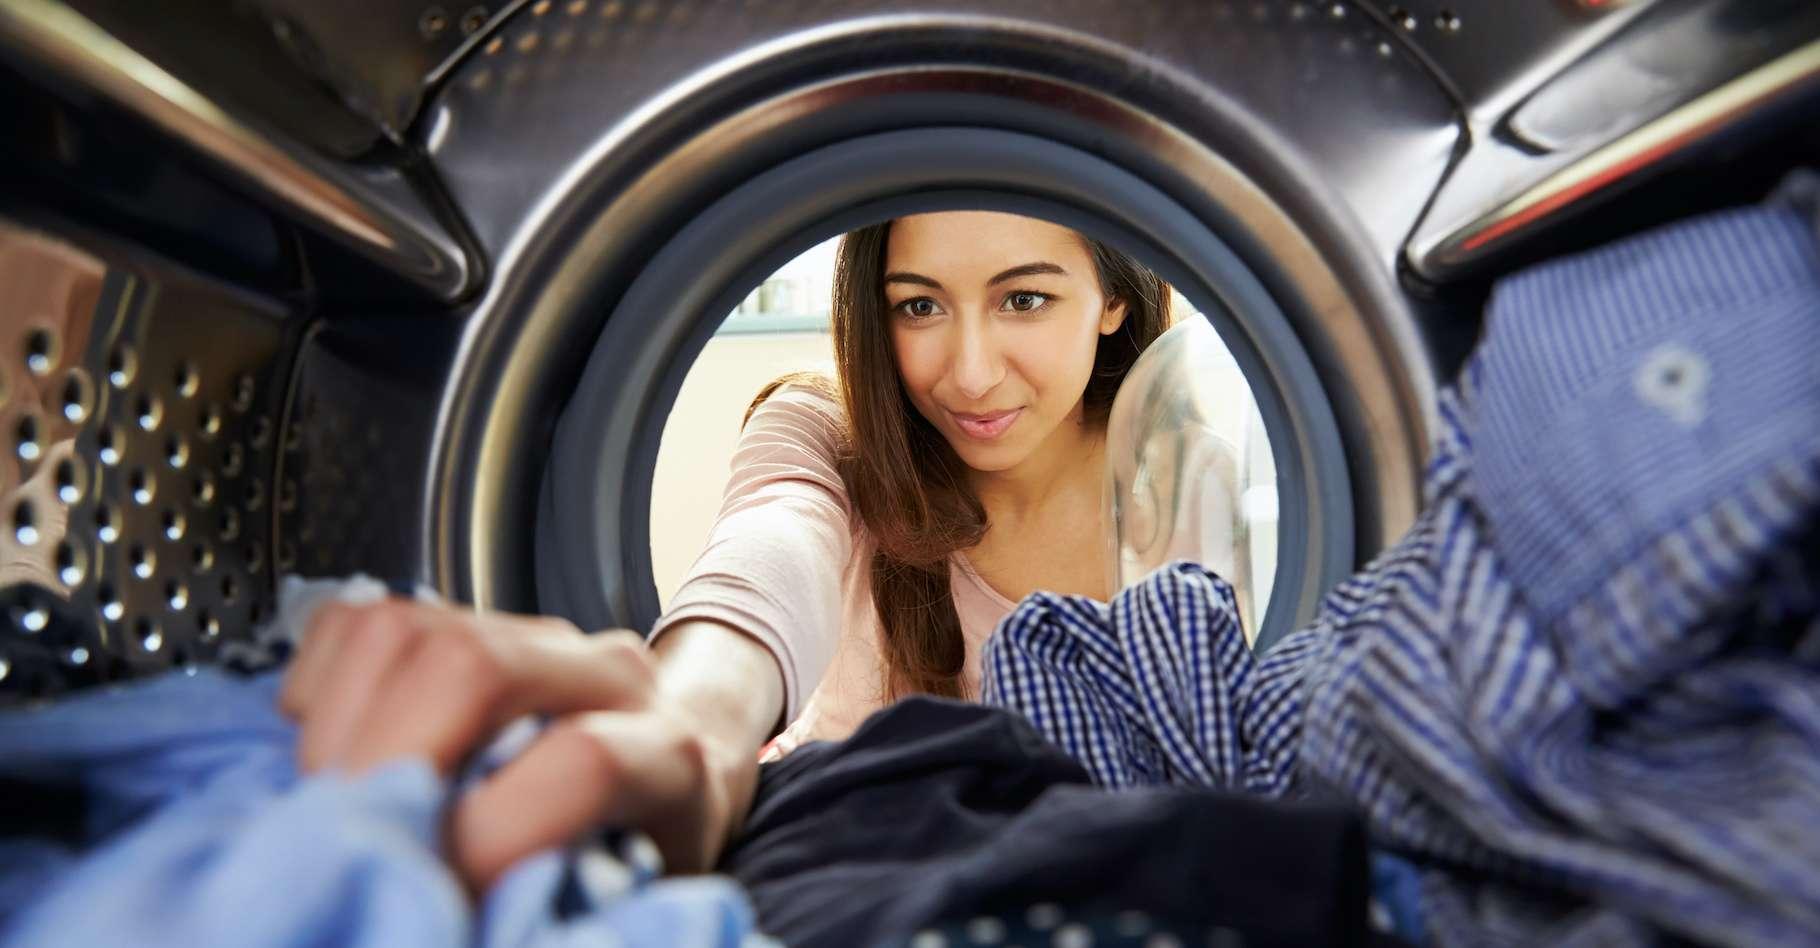 Les fibres arrachées à nos vêtements par le lavage en machine finissent dans les océans. © Monkey Business, AdobeStock